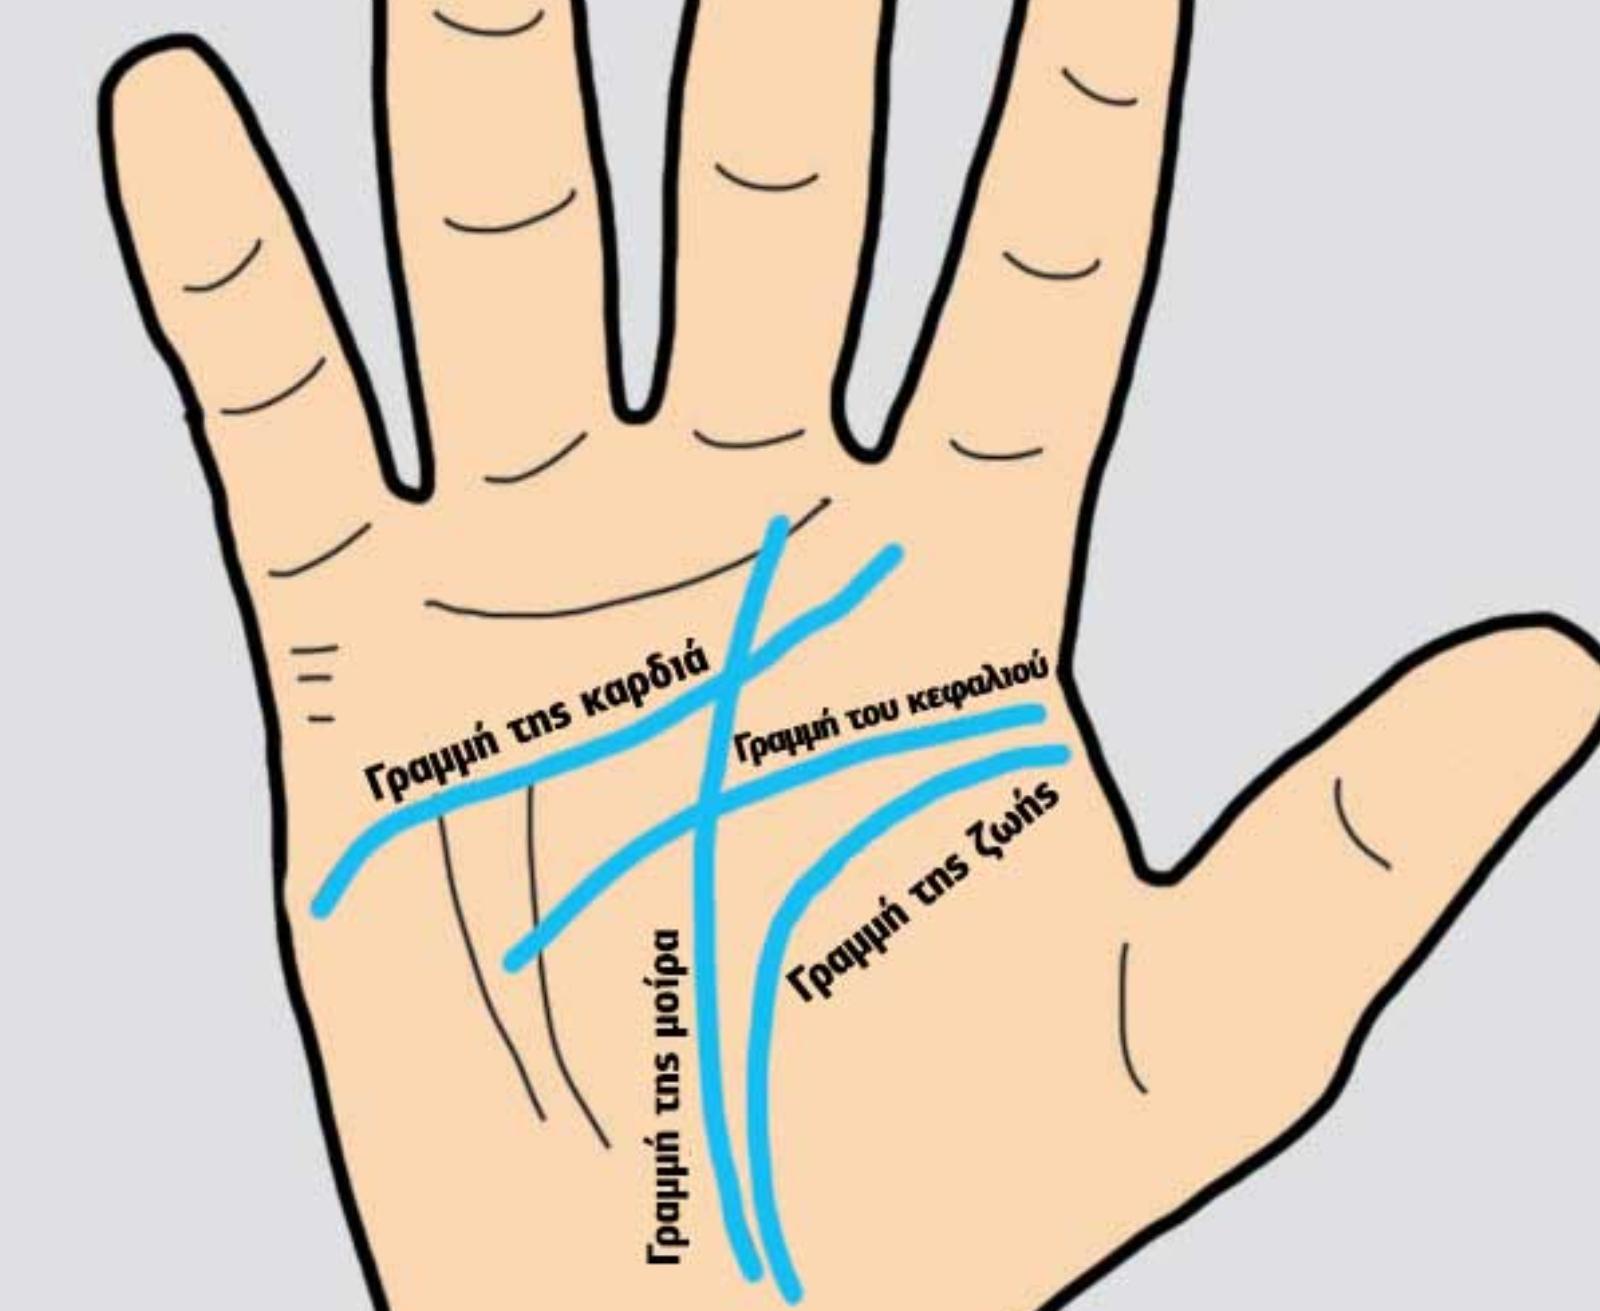 Γραμμές στα χέρια: Τα 5 πράγματα που αποκαλύπτει η παλάμη μας